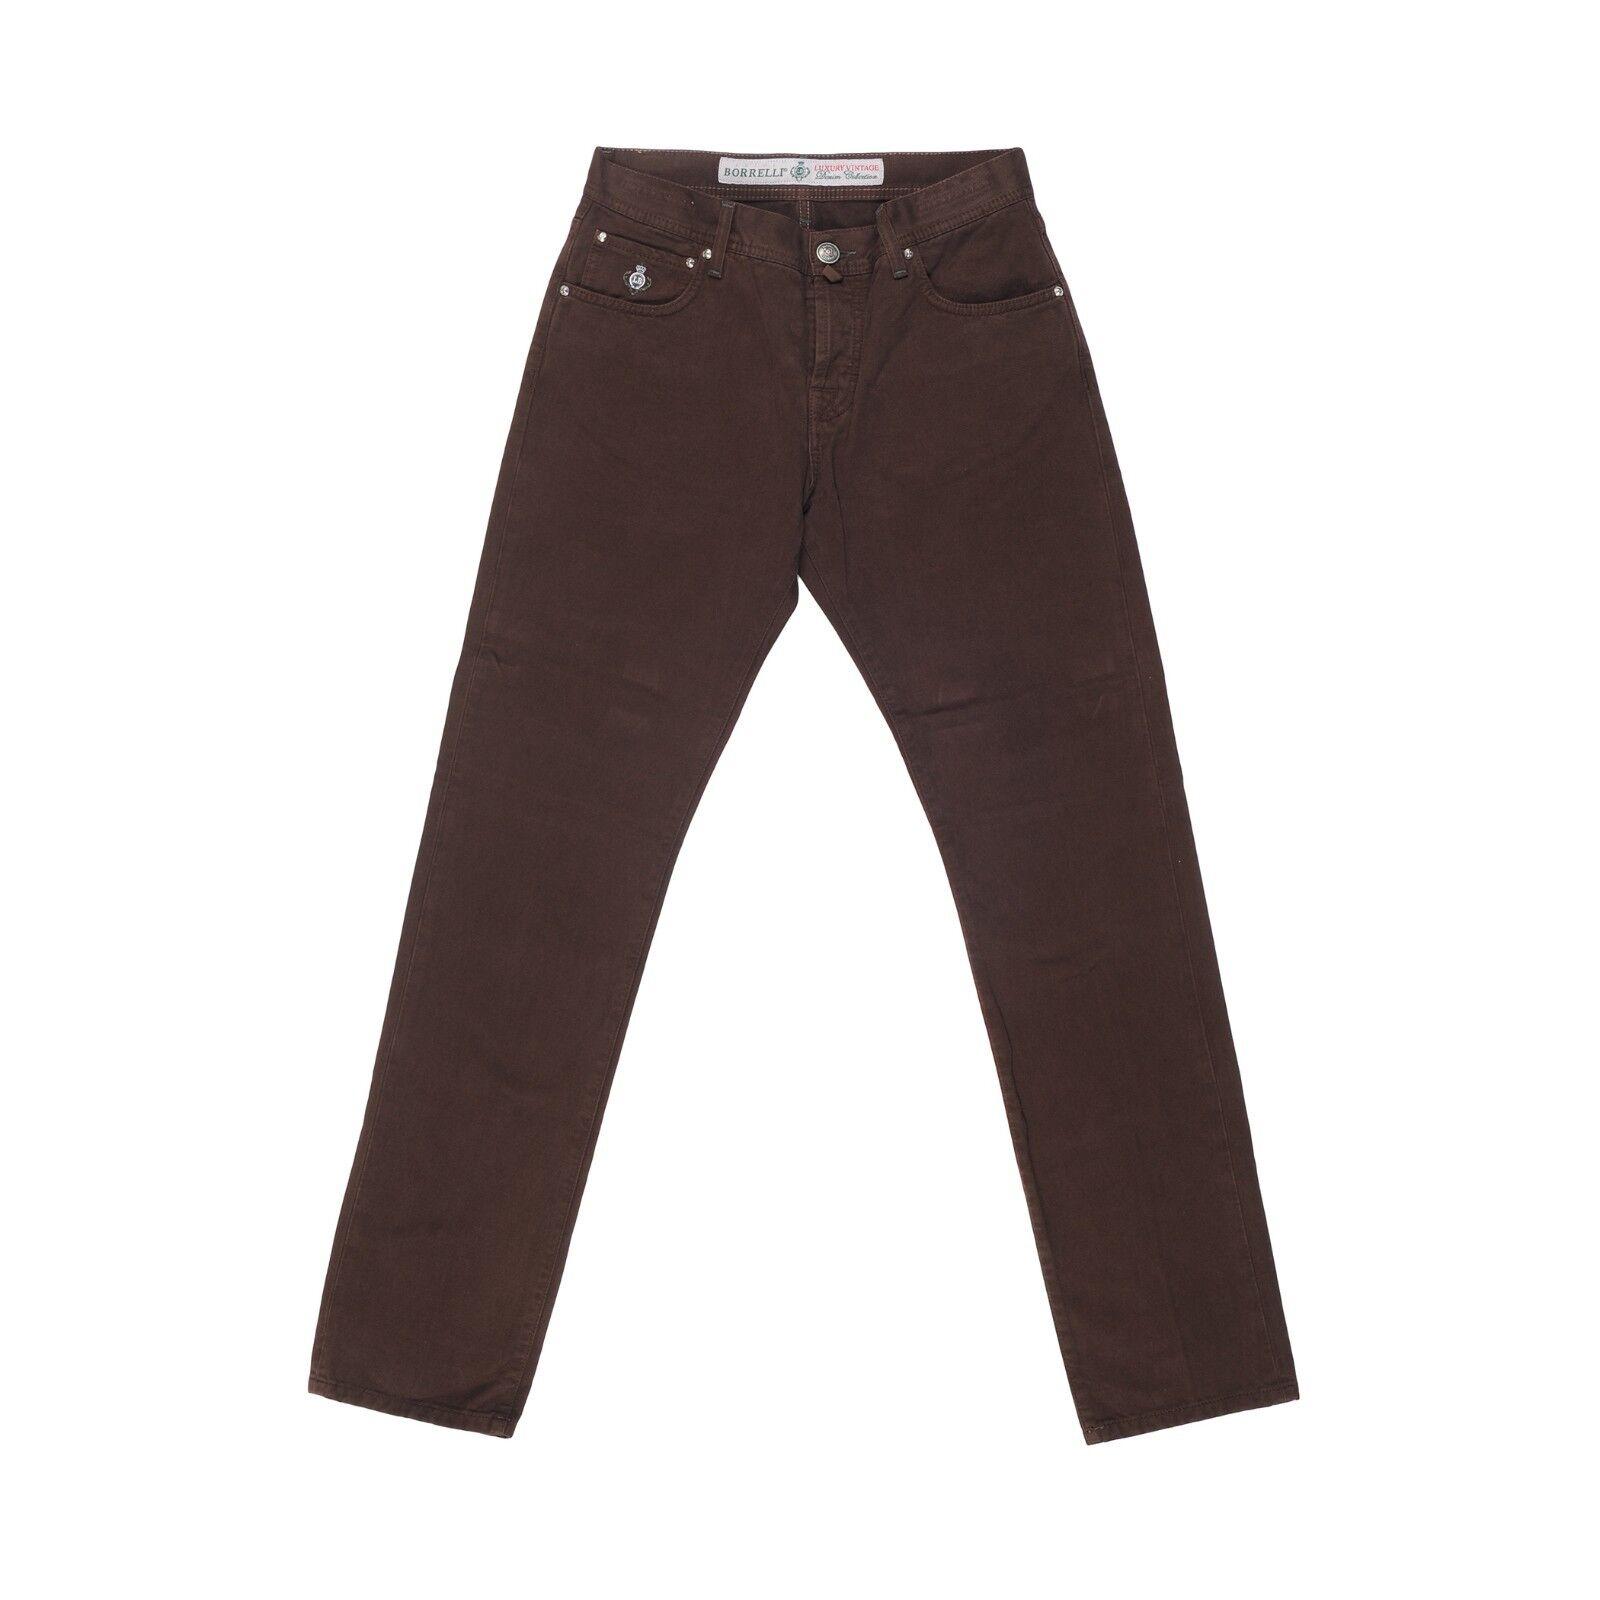 Luigi Borrelli Napoli 5 Tasche Braun Baumwolle Jeans Hosen Größe 33 Neu BR91